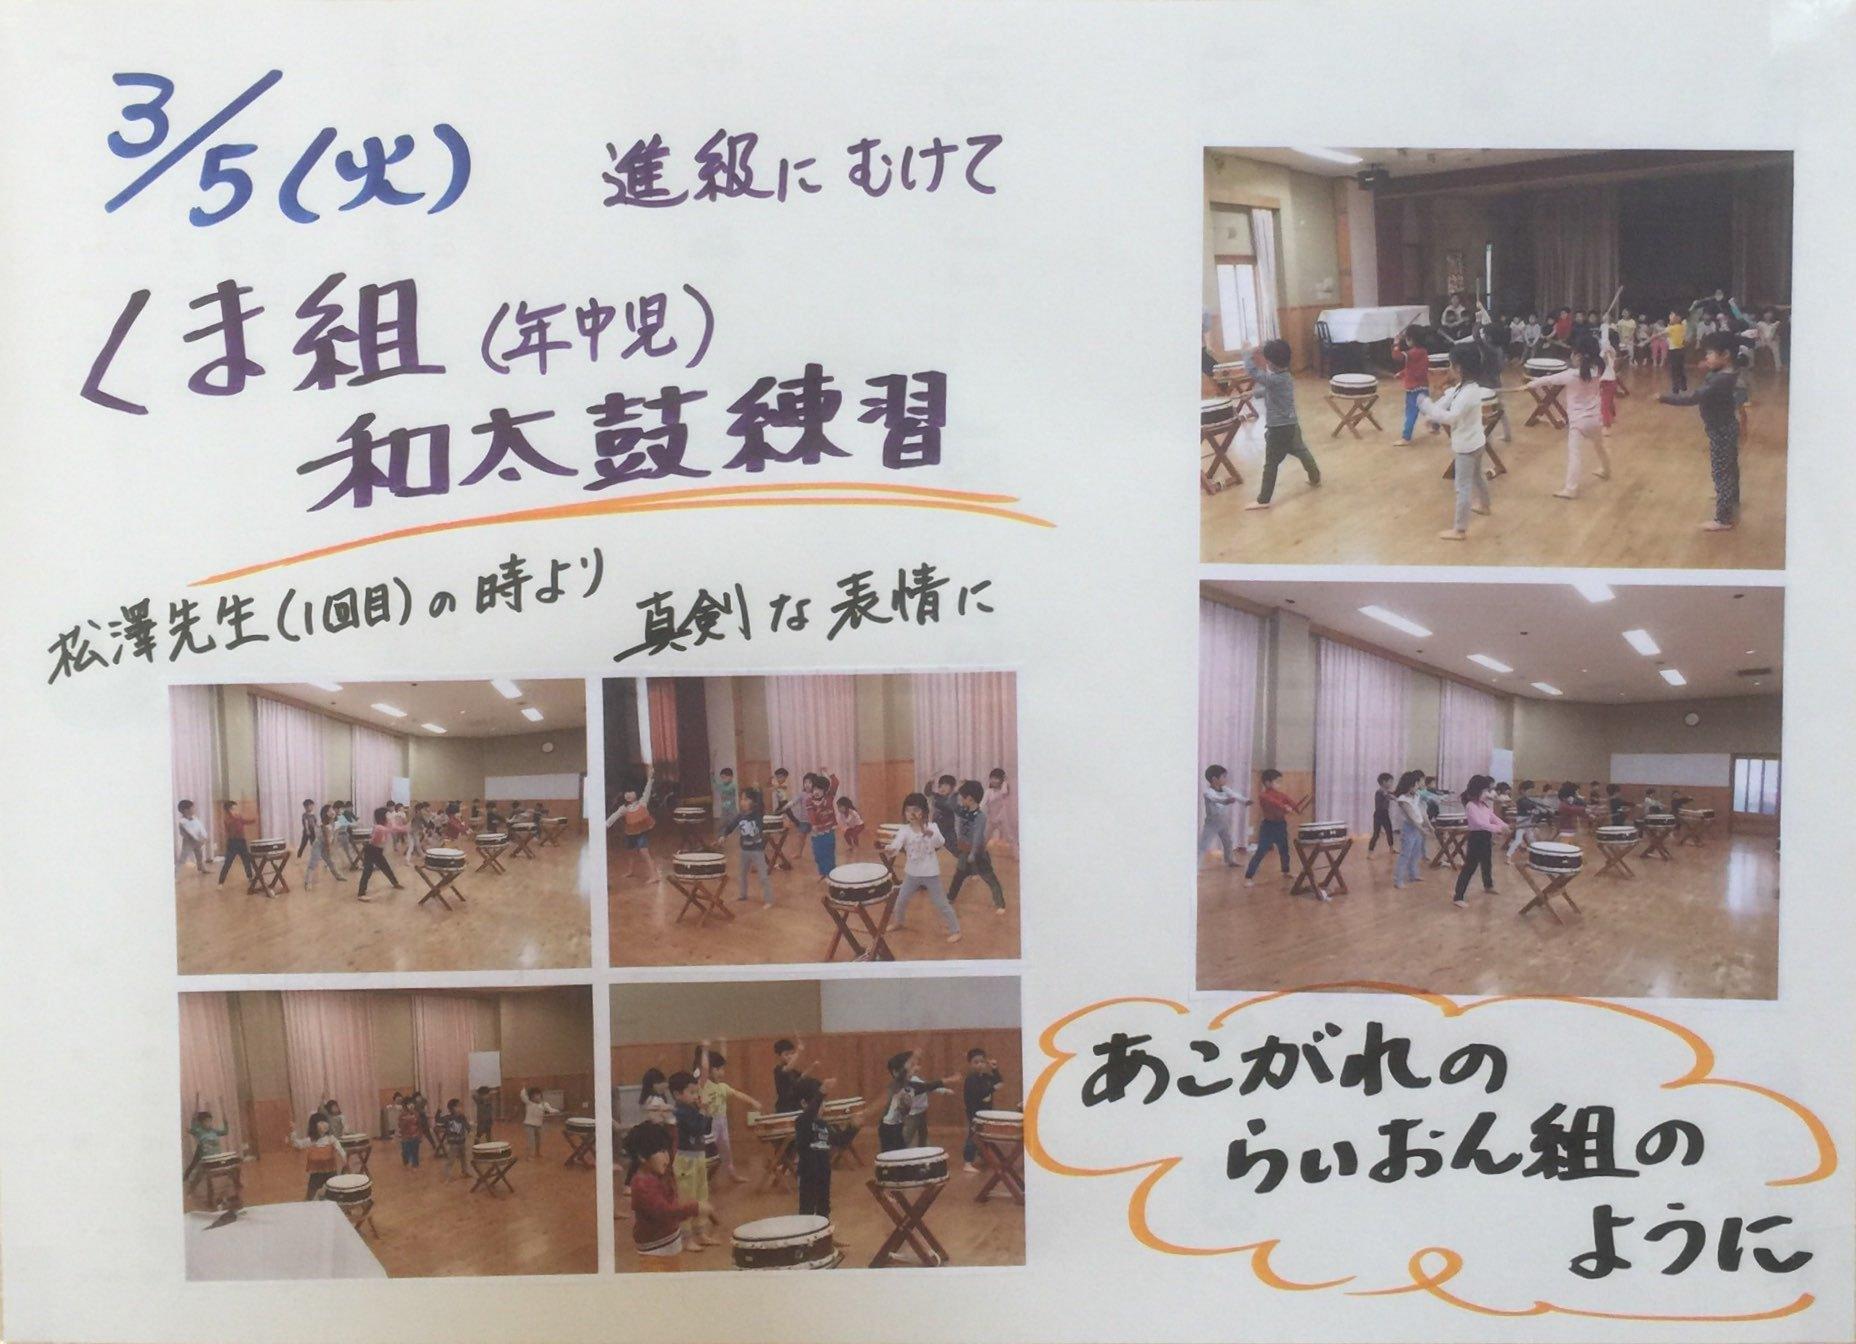 3.5くま和太鼓練習